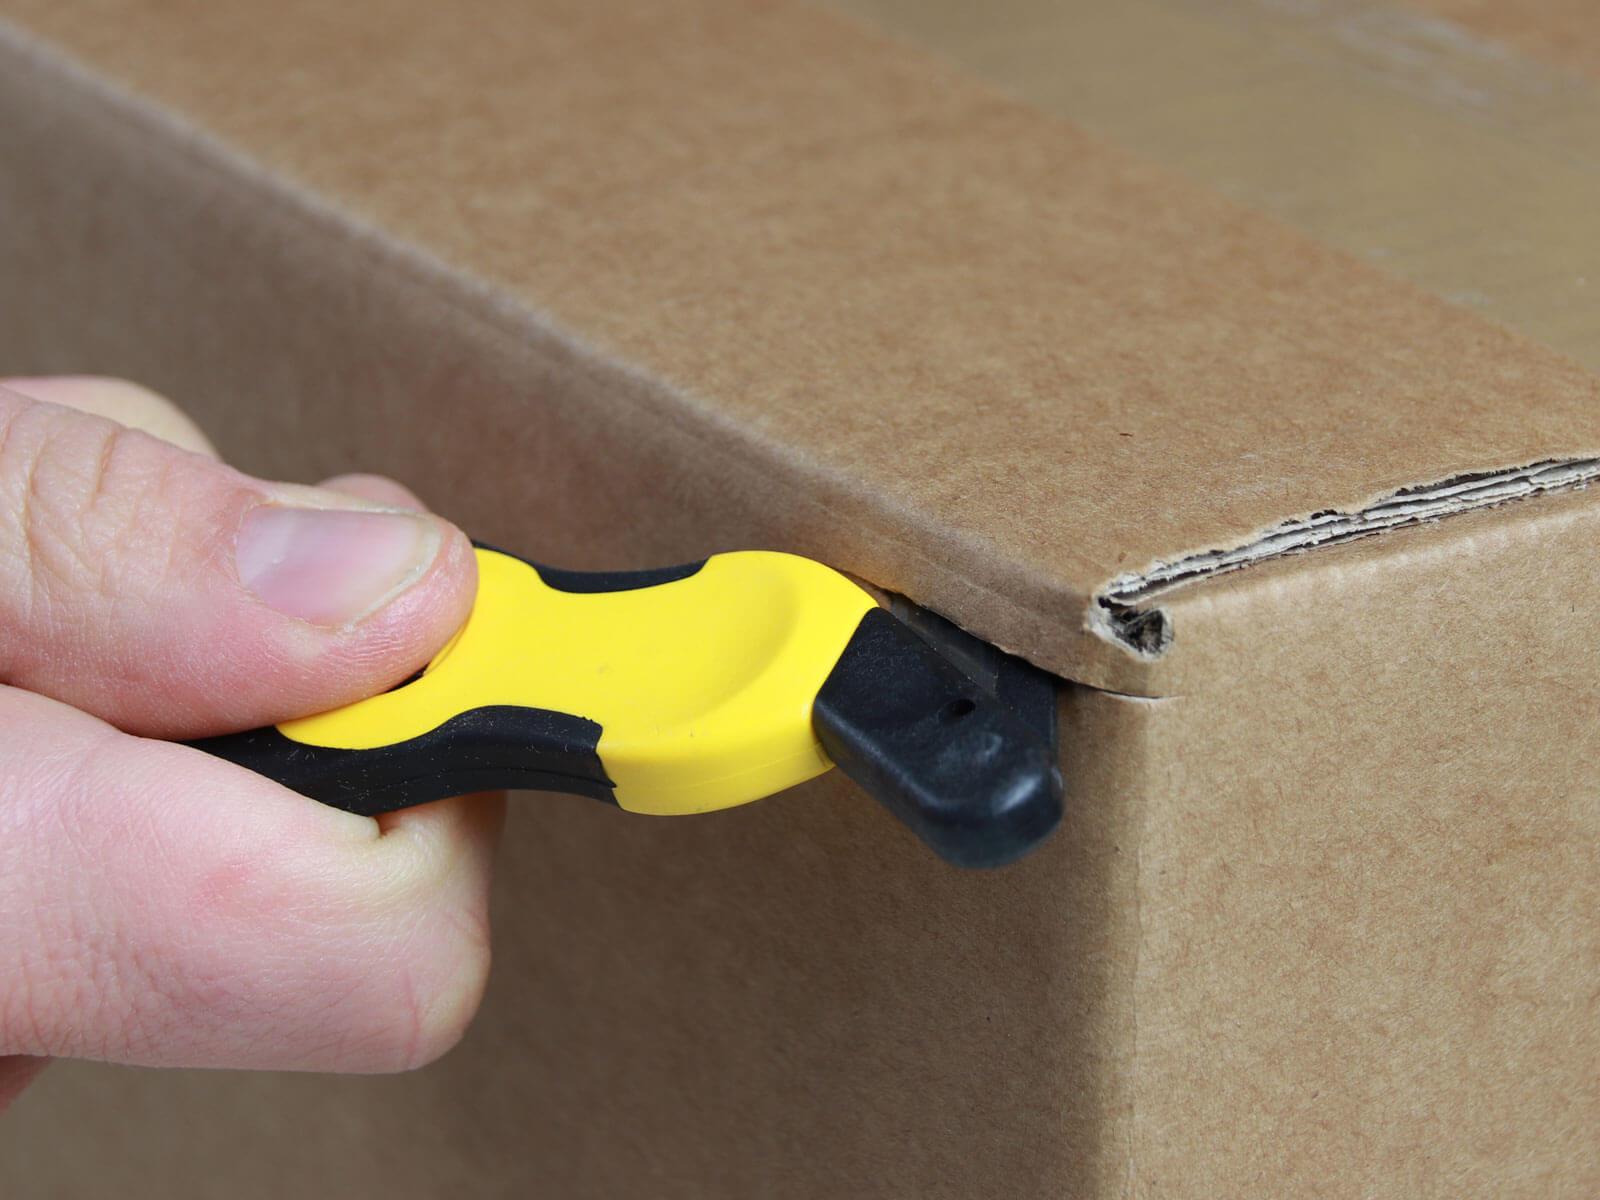 H032G Sicherheitsmesser Schutzhaken Karton schneiden abdeckeln CURT-tools